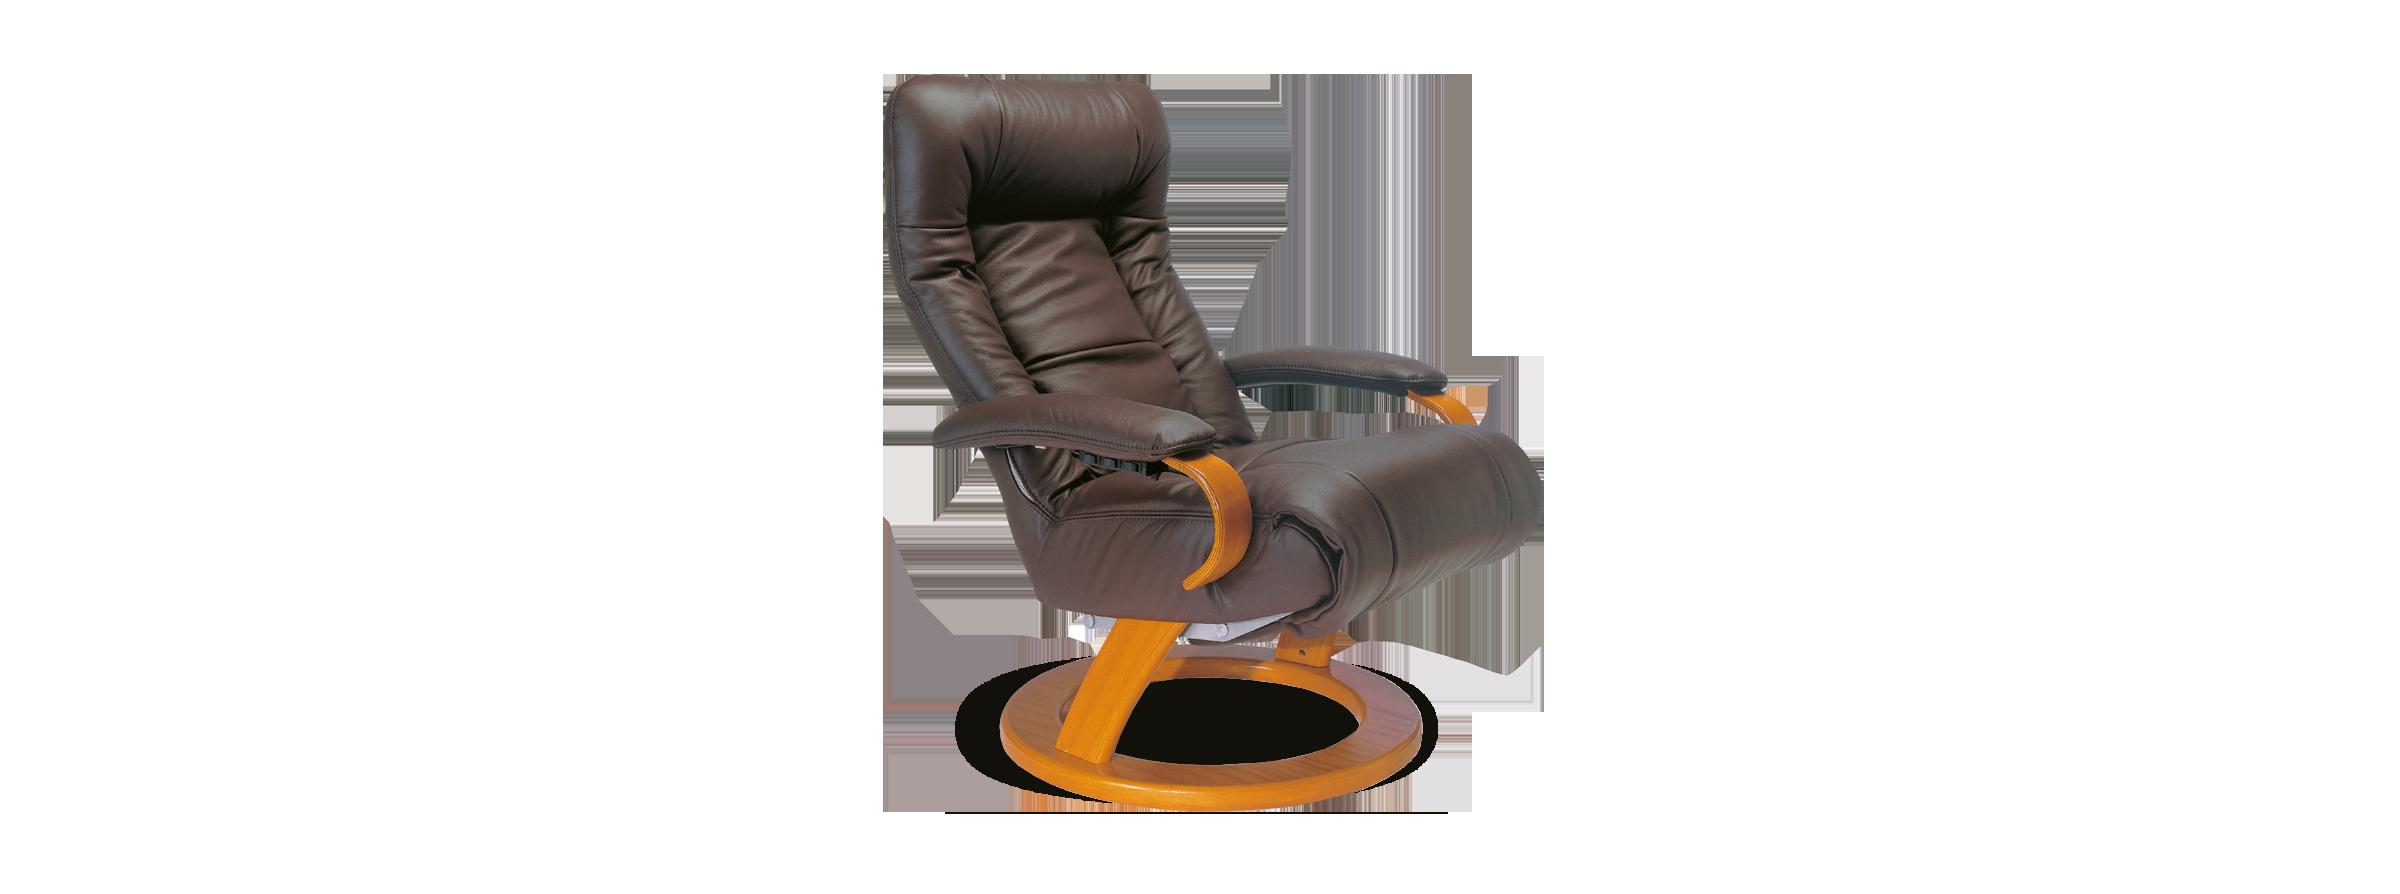 Neology-VENUS-fauteuil-relax-cuir-pleine-fleur-made-in-france-petit-encombrement